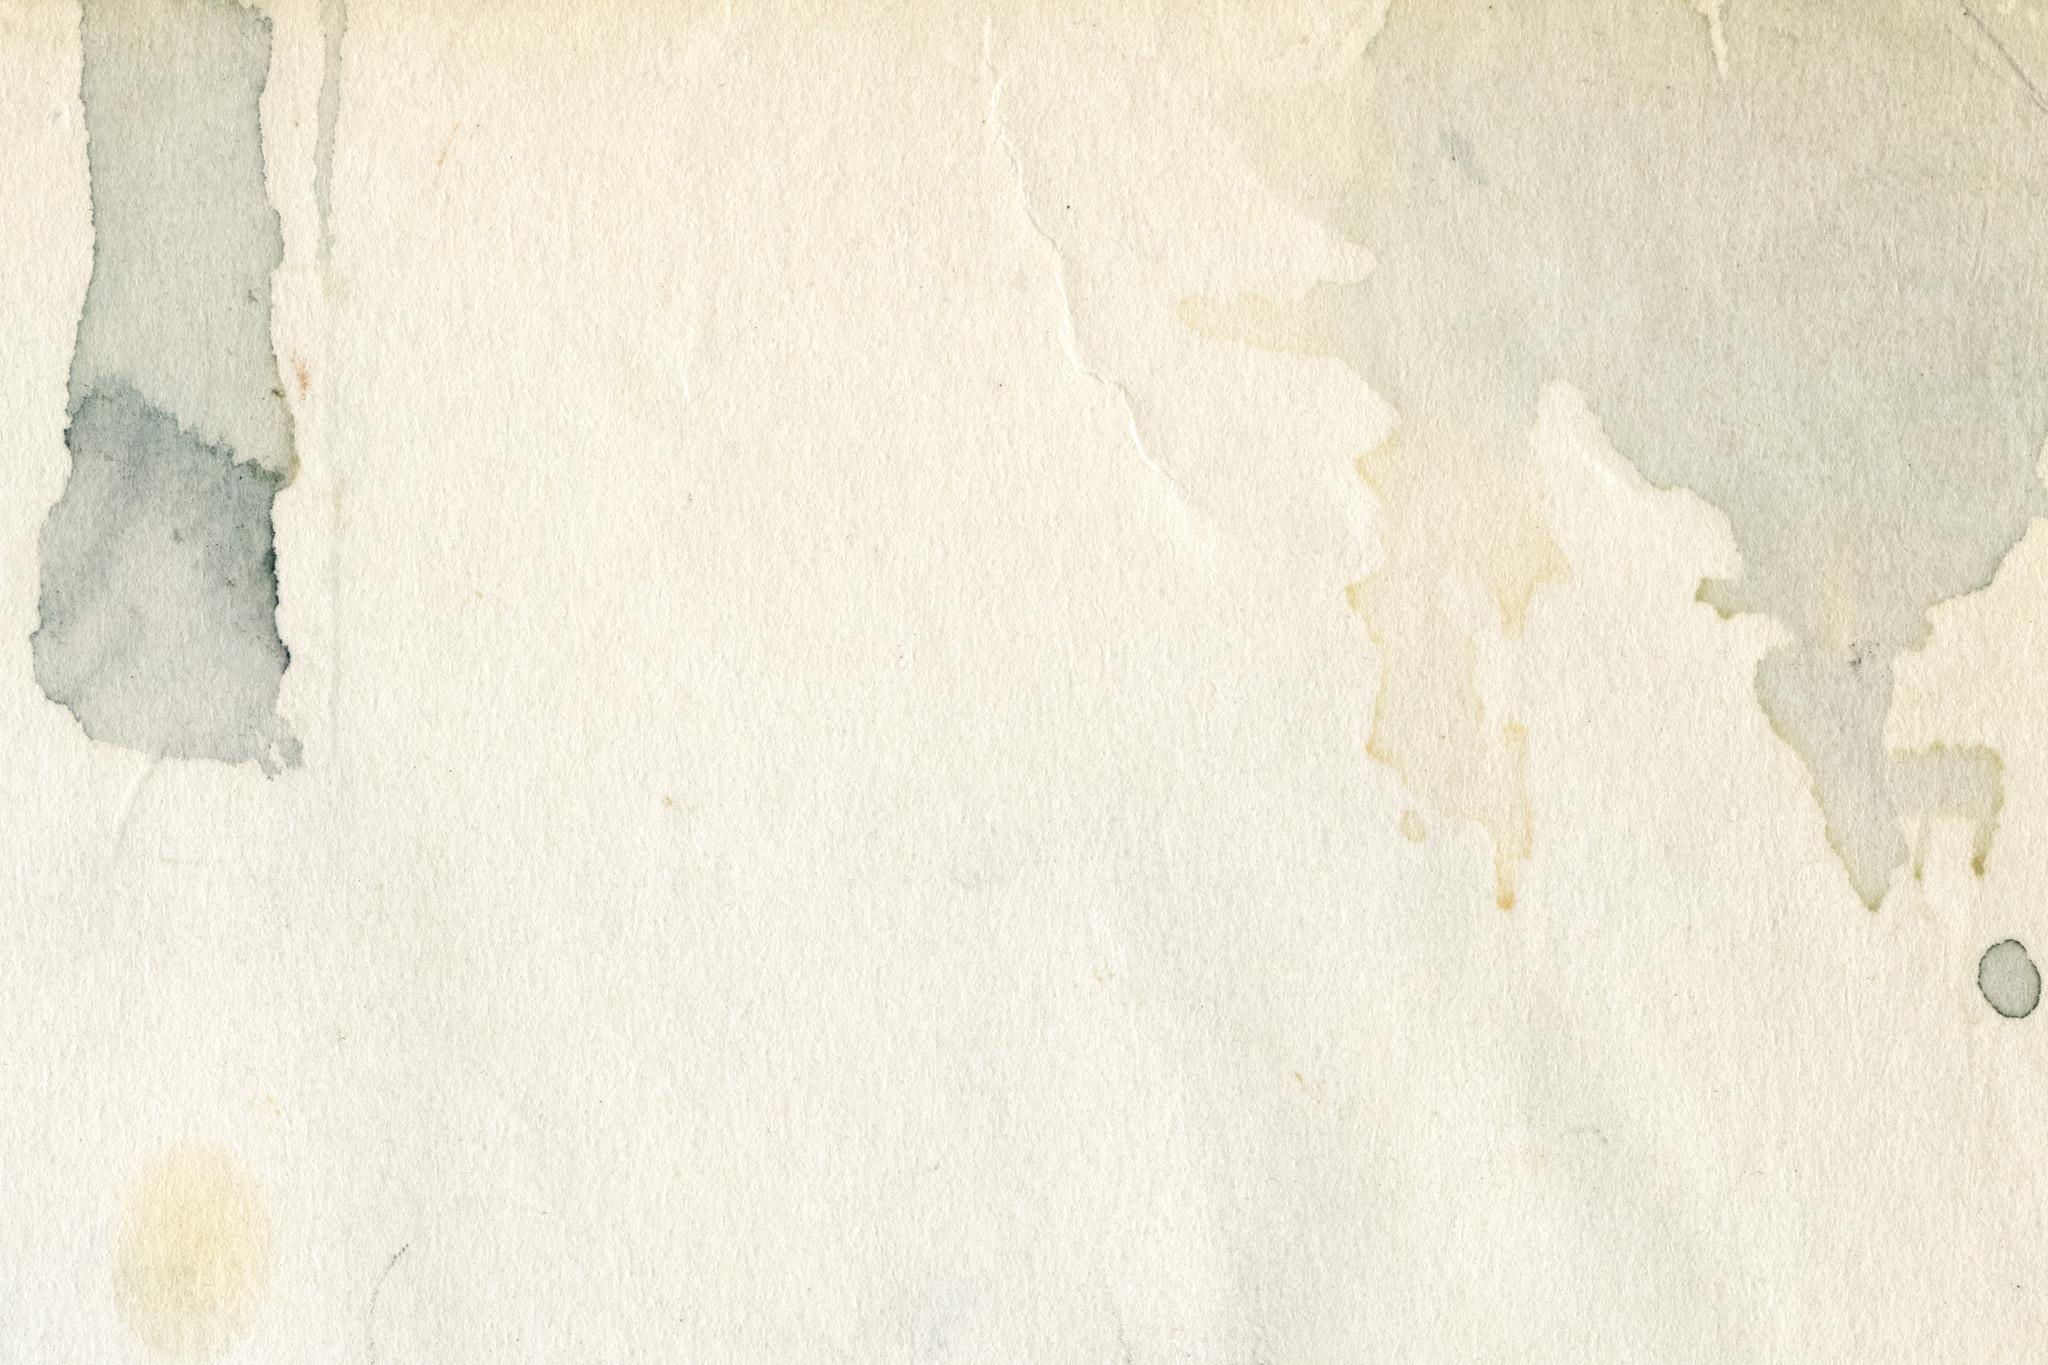 「黒い絵具のシミがある紙」